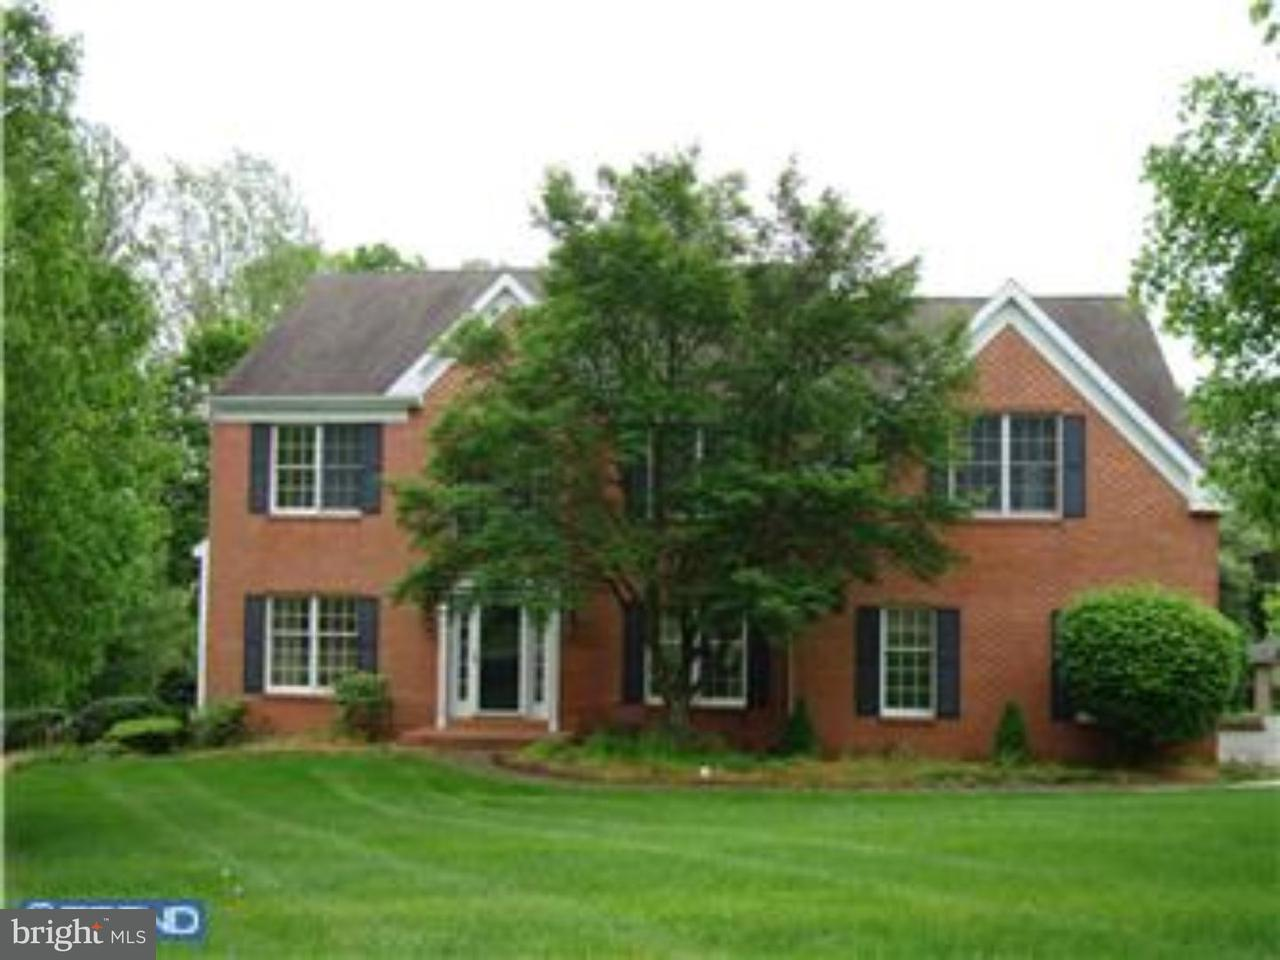 Einfamilienhaus für Mieten beim 402 LONGVIEW Drive West Chester, Pennsylvanien 19380 Vereinigte Staaten